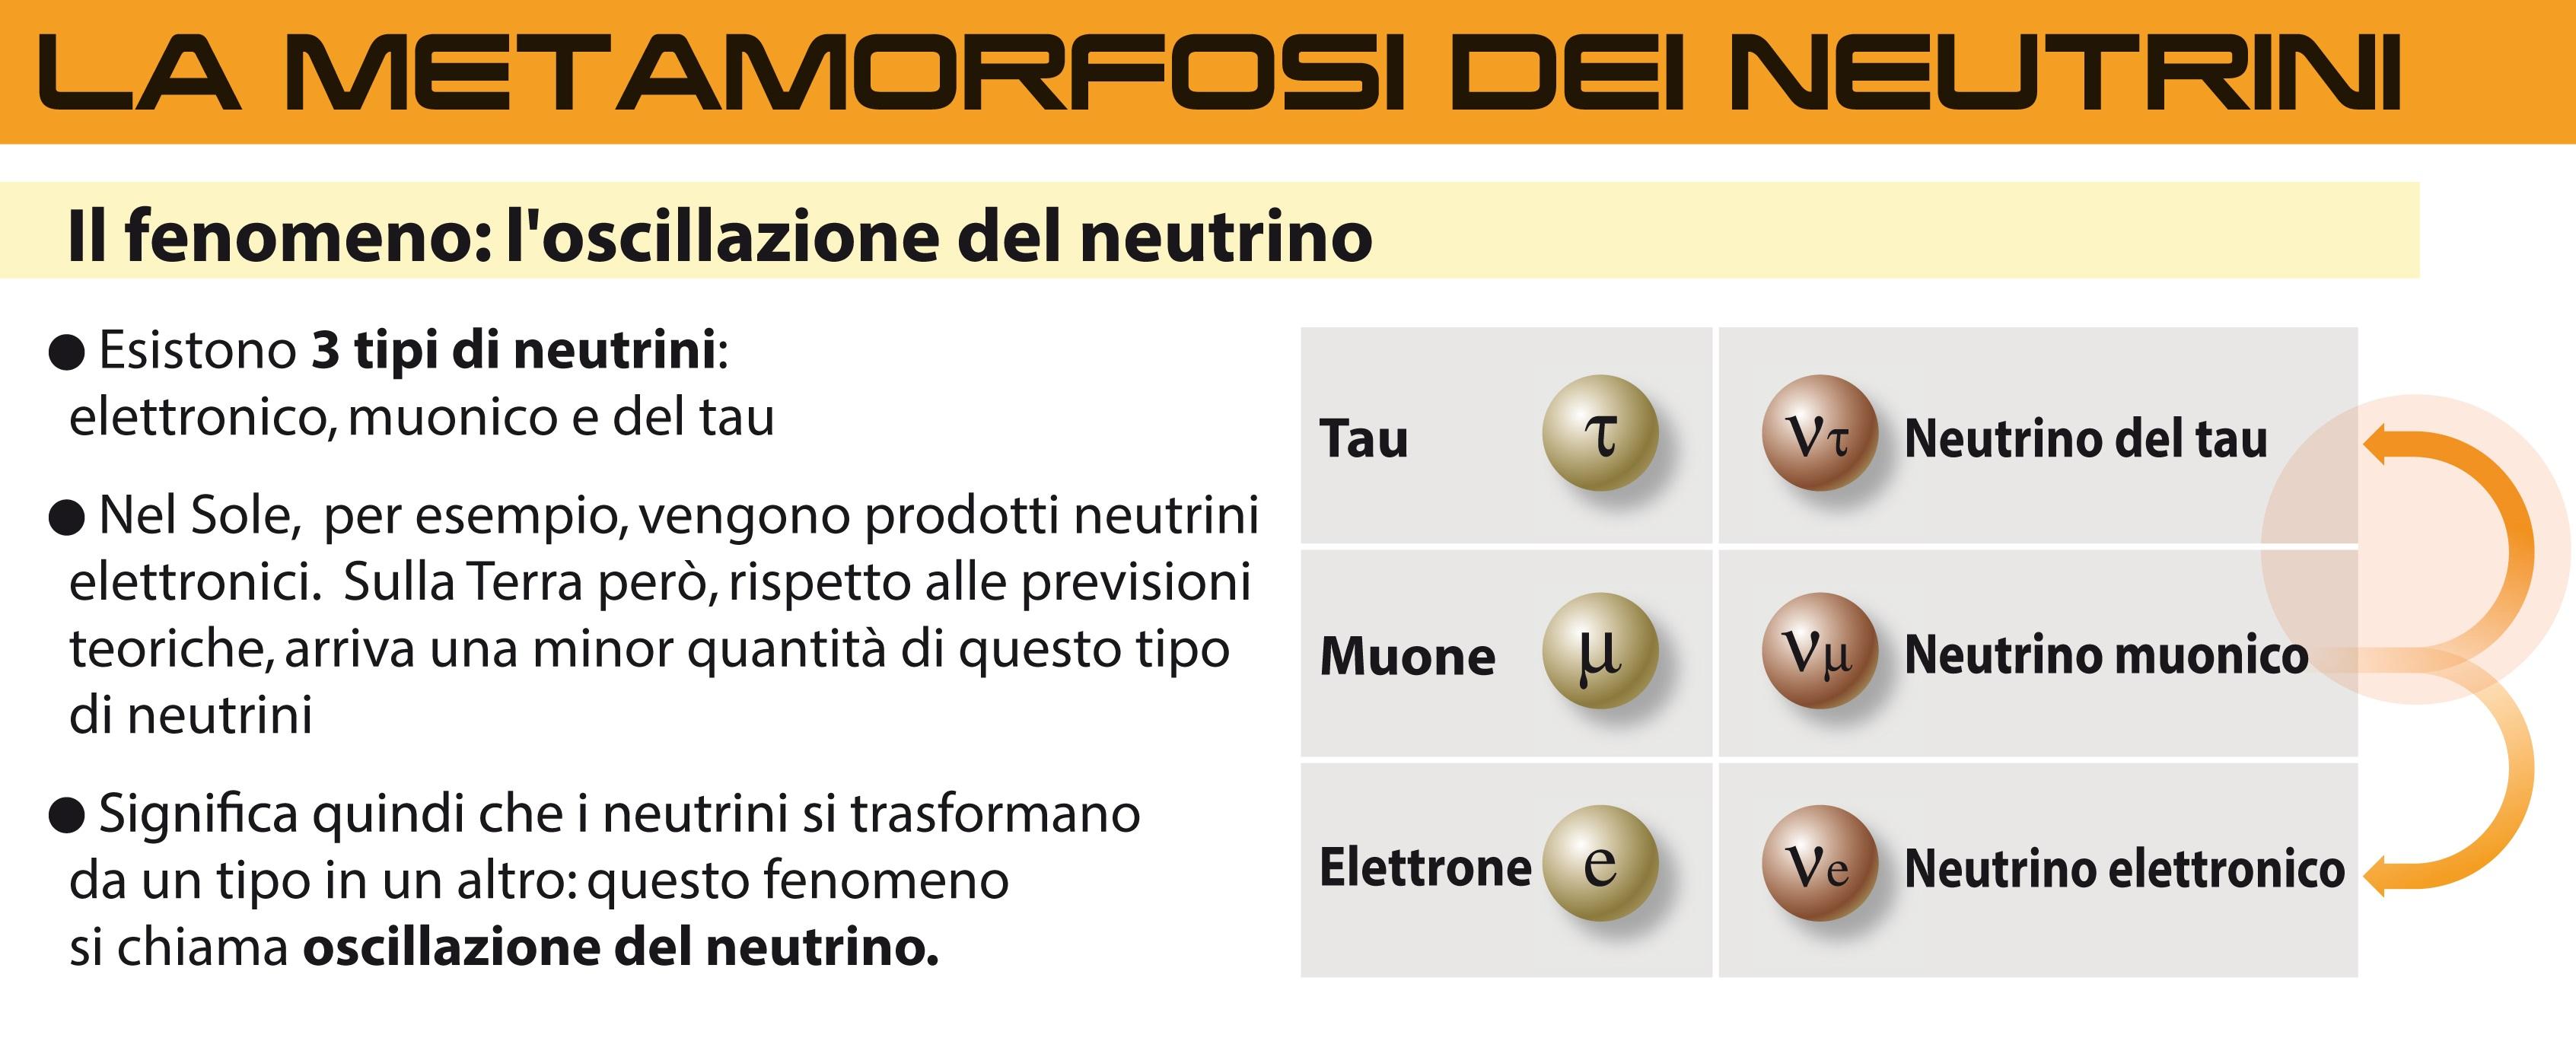 metamorfosi-dei-neutrini2